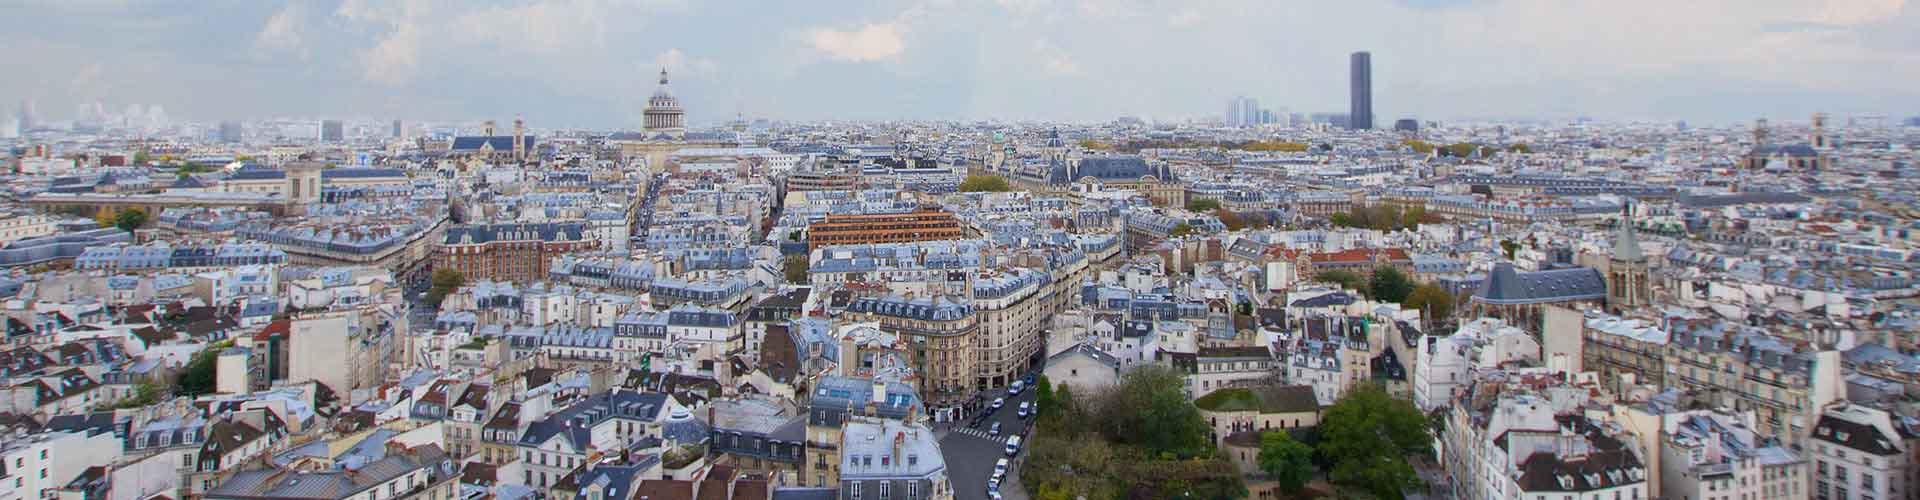 巴黎 – Quartier Latin区的露营地。巴黎地图,巴黎每个露营地的照片和评价。